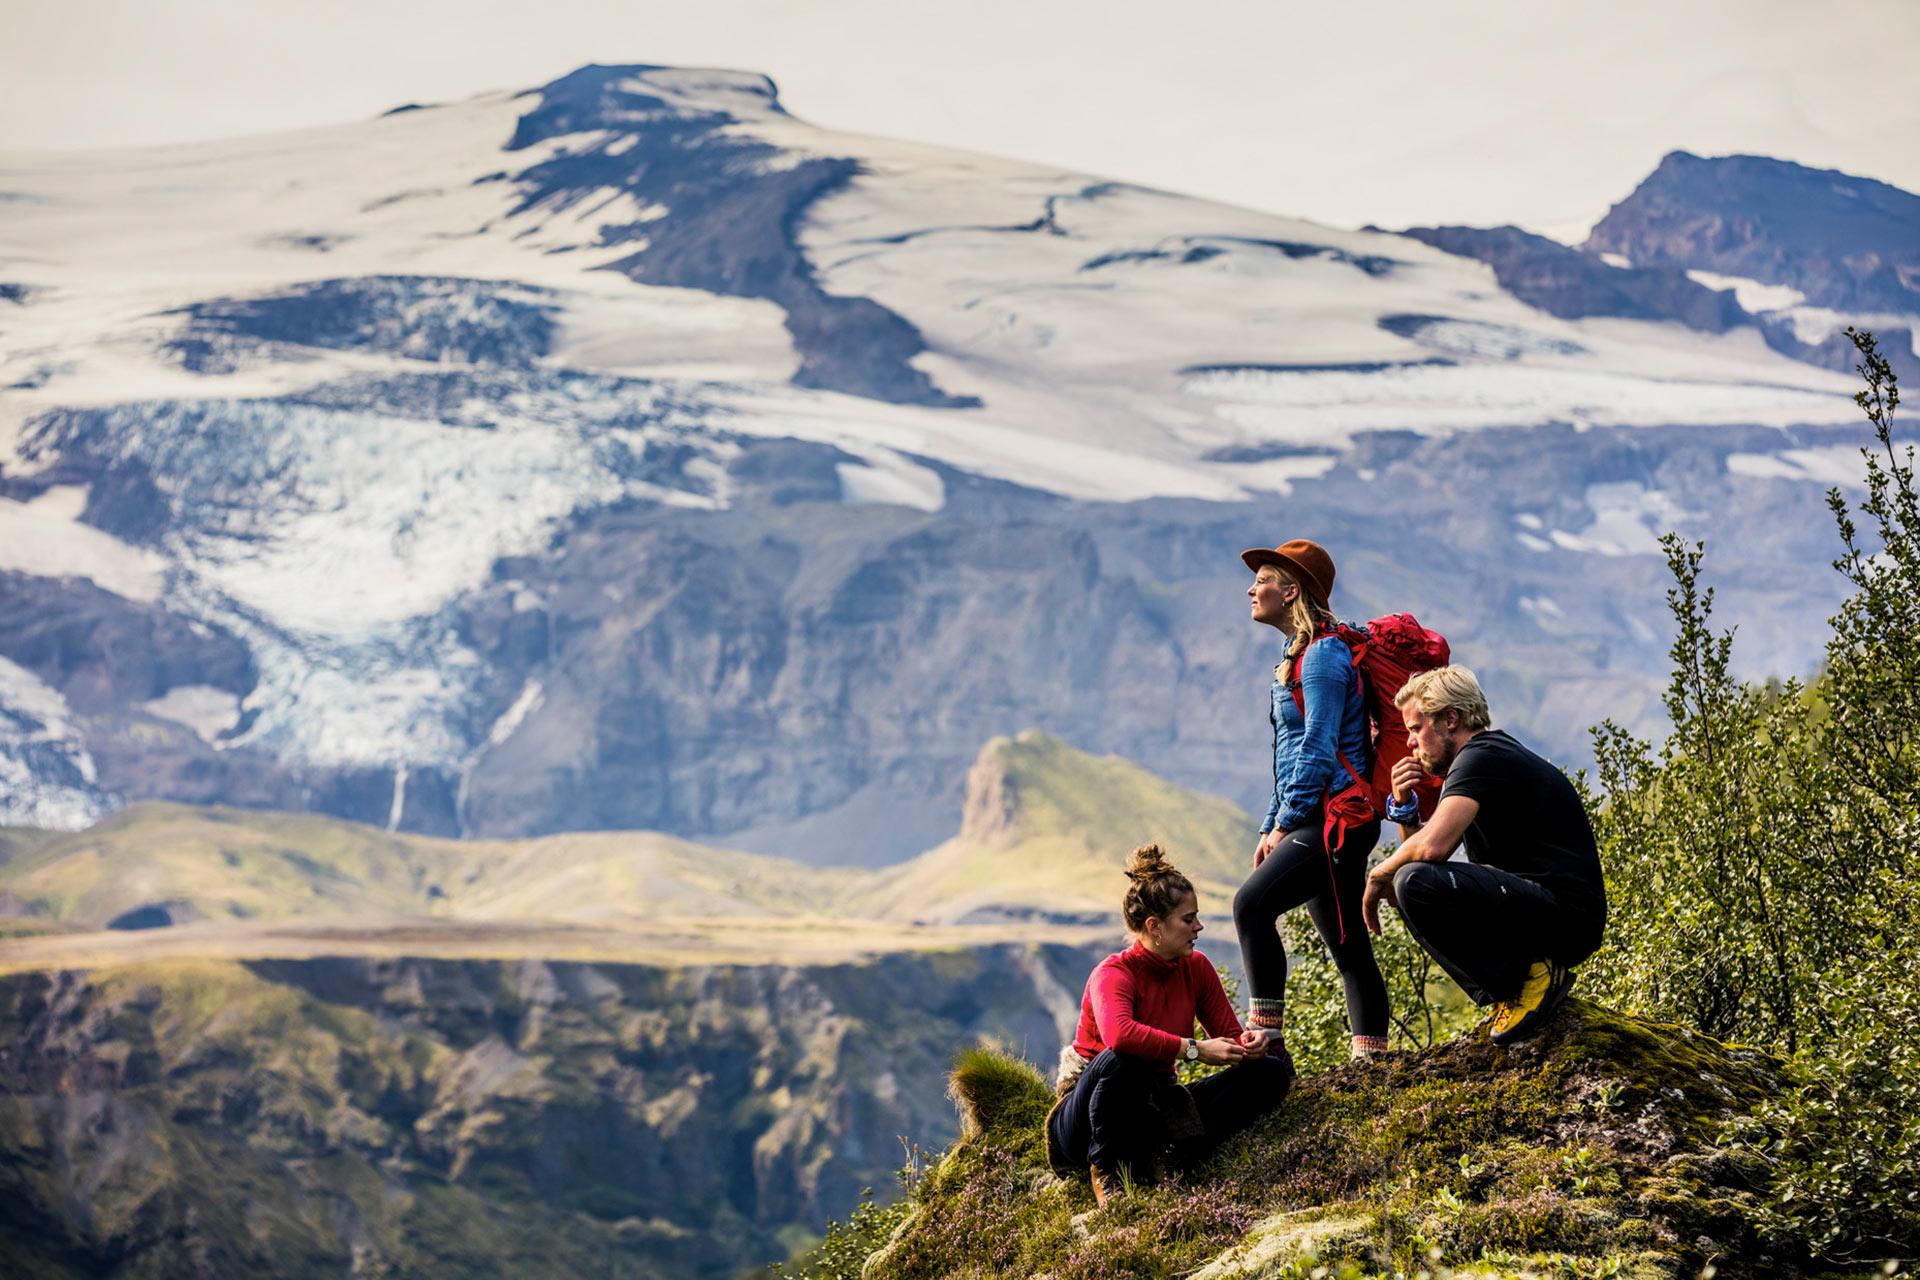 Beim Wandern im Thórsmörk-Tal eröffnet sich ein fantastischer Blick auf die isländische Landschaft.